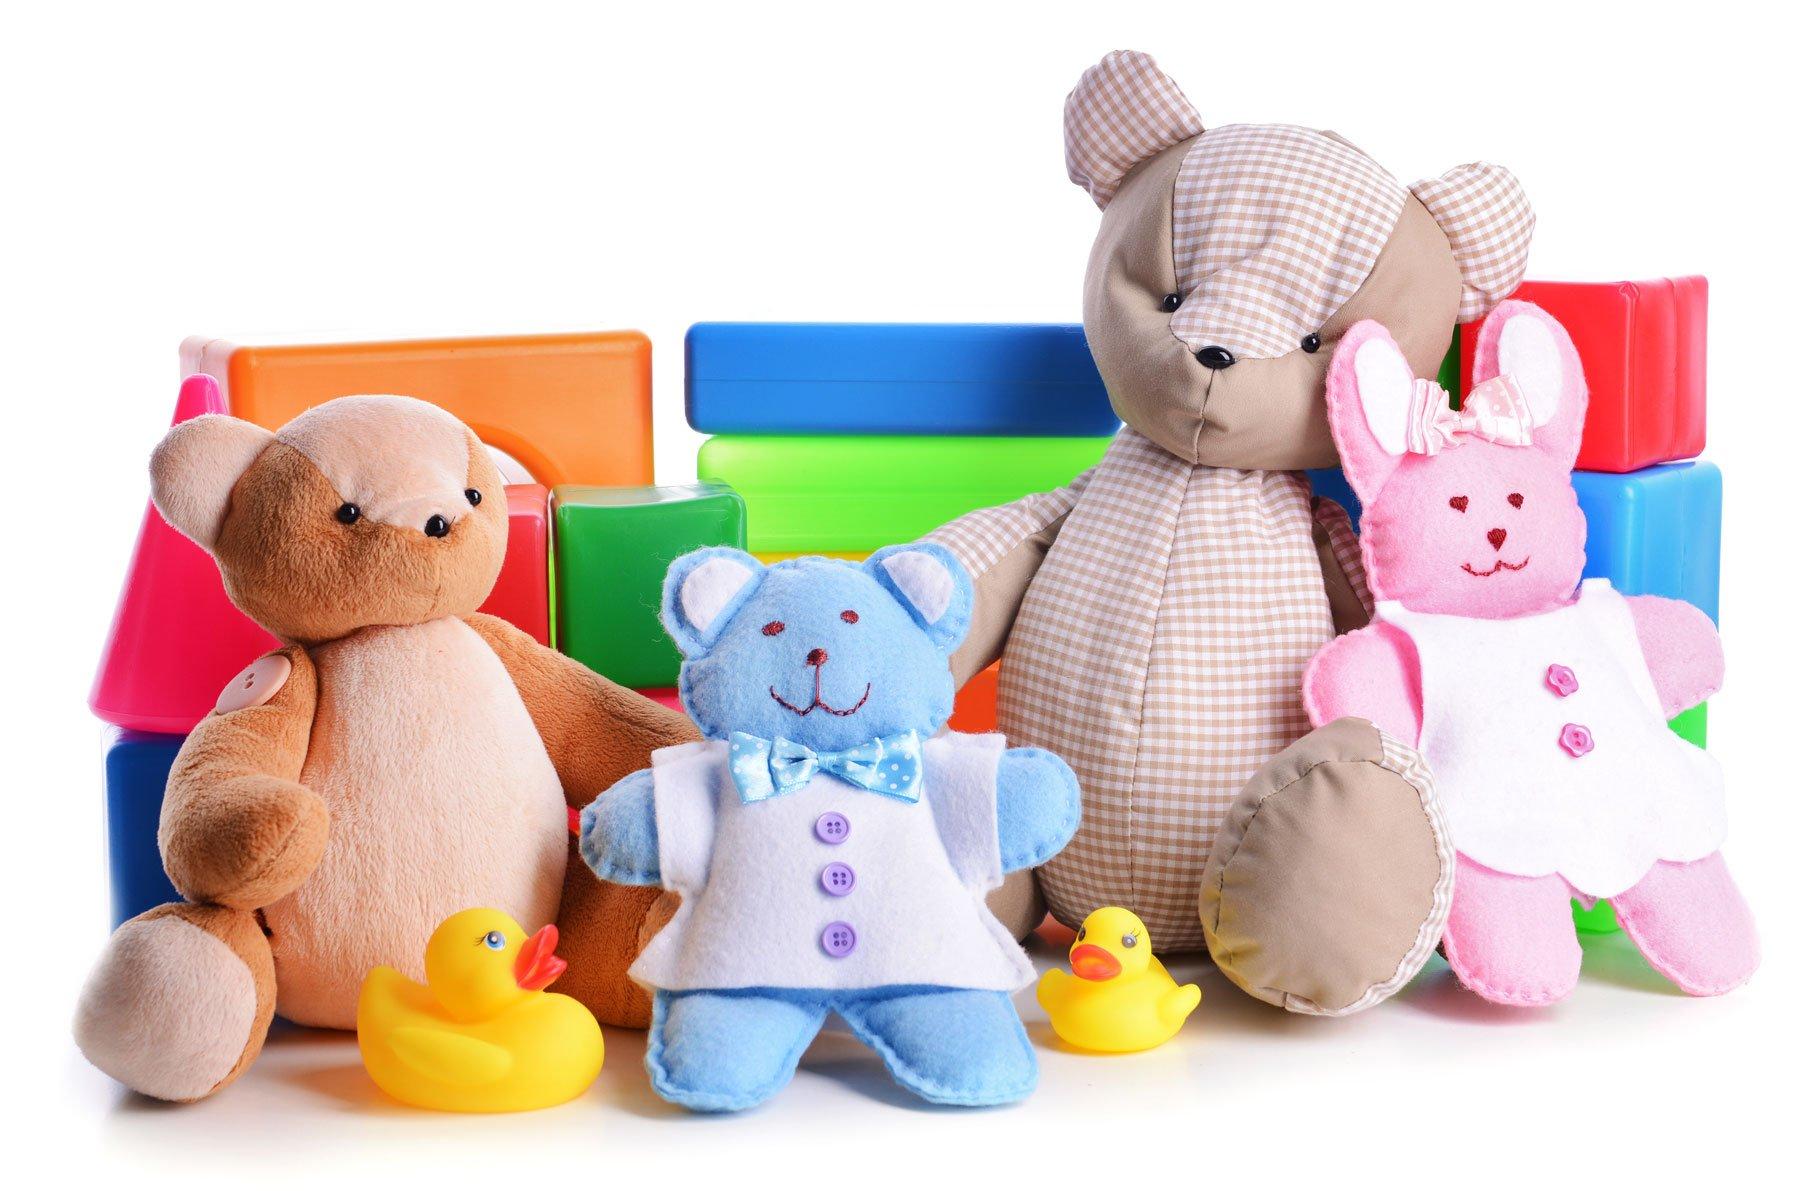 Peluche di orsi in colori marrone, beige, rosa e blu. Due paperelle di gomma, forme geometriche in plastica